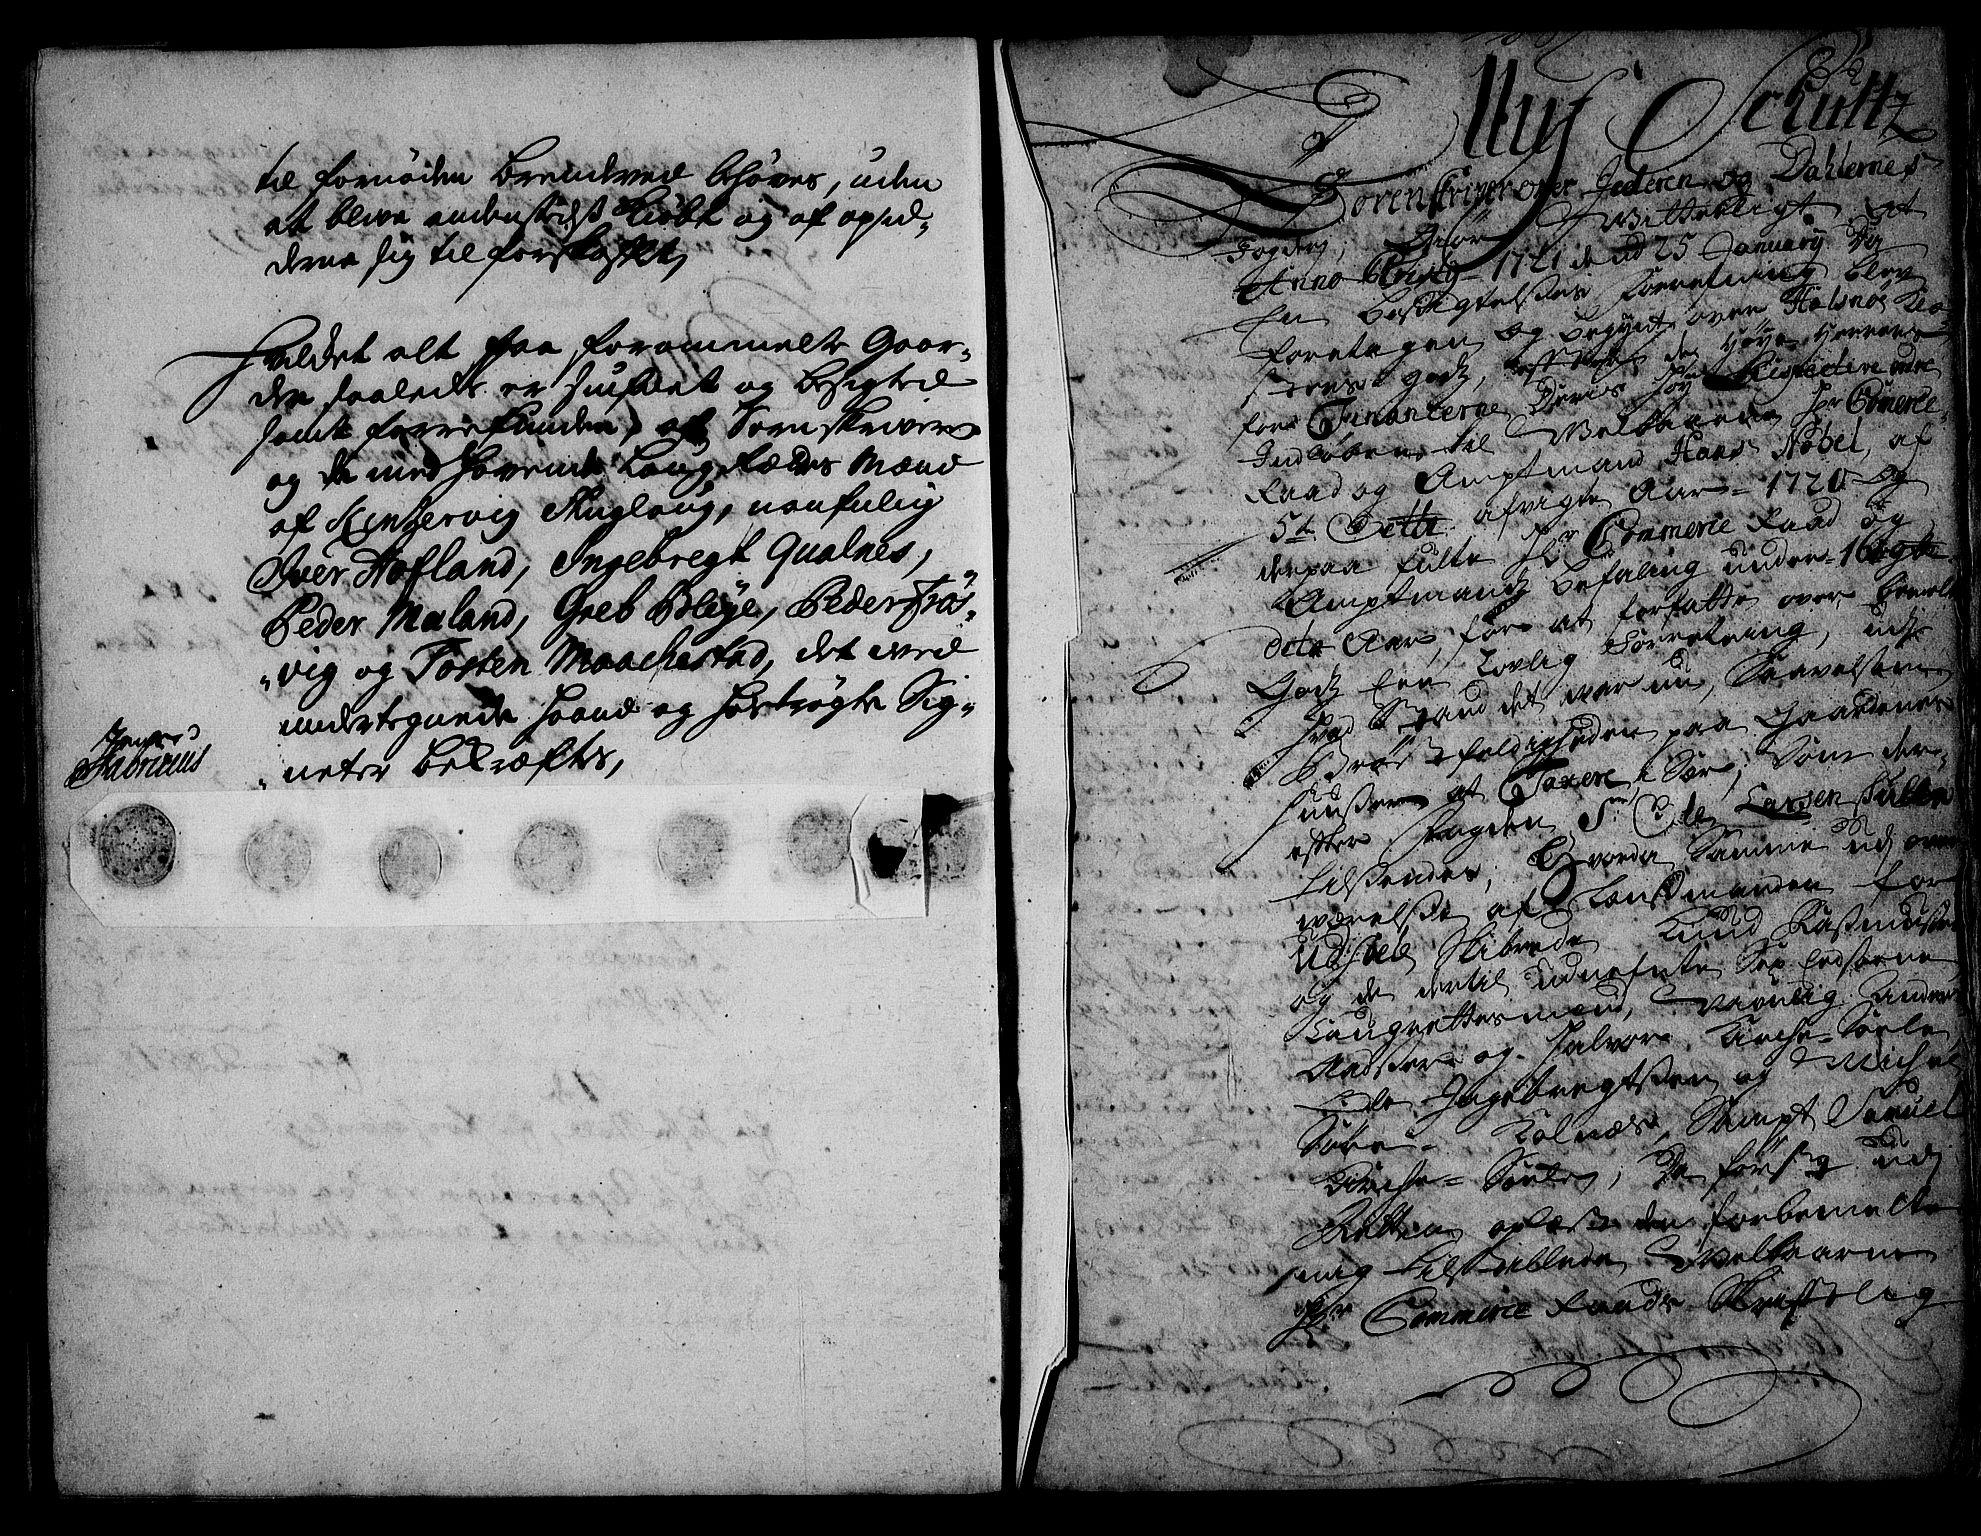 RA, Rentekammeret inntil 1814, Realistisk ordnet avdeling, On/L0003: [Jj 4]: Kommisjonsforretning over Vilhelm Hanssøns forpaktning av Halsnøy klosters gods, 1721-1729, s. 102